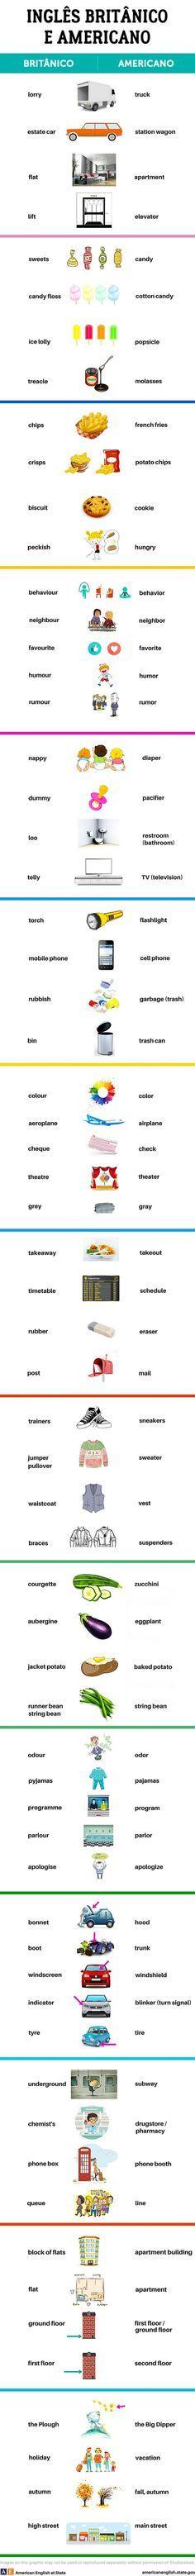 Confira este divertido e útil infográfico! Mais